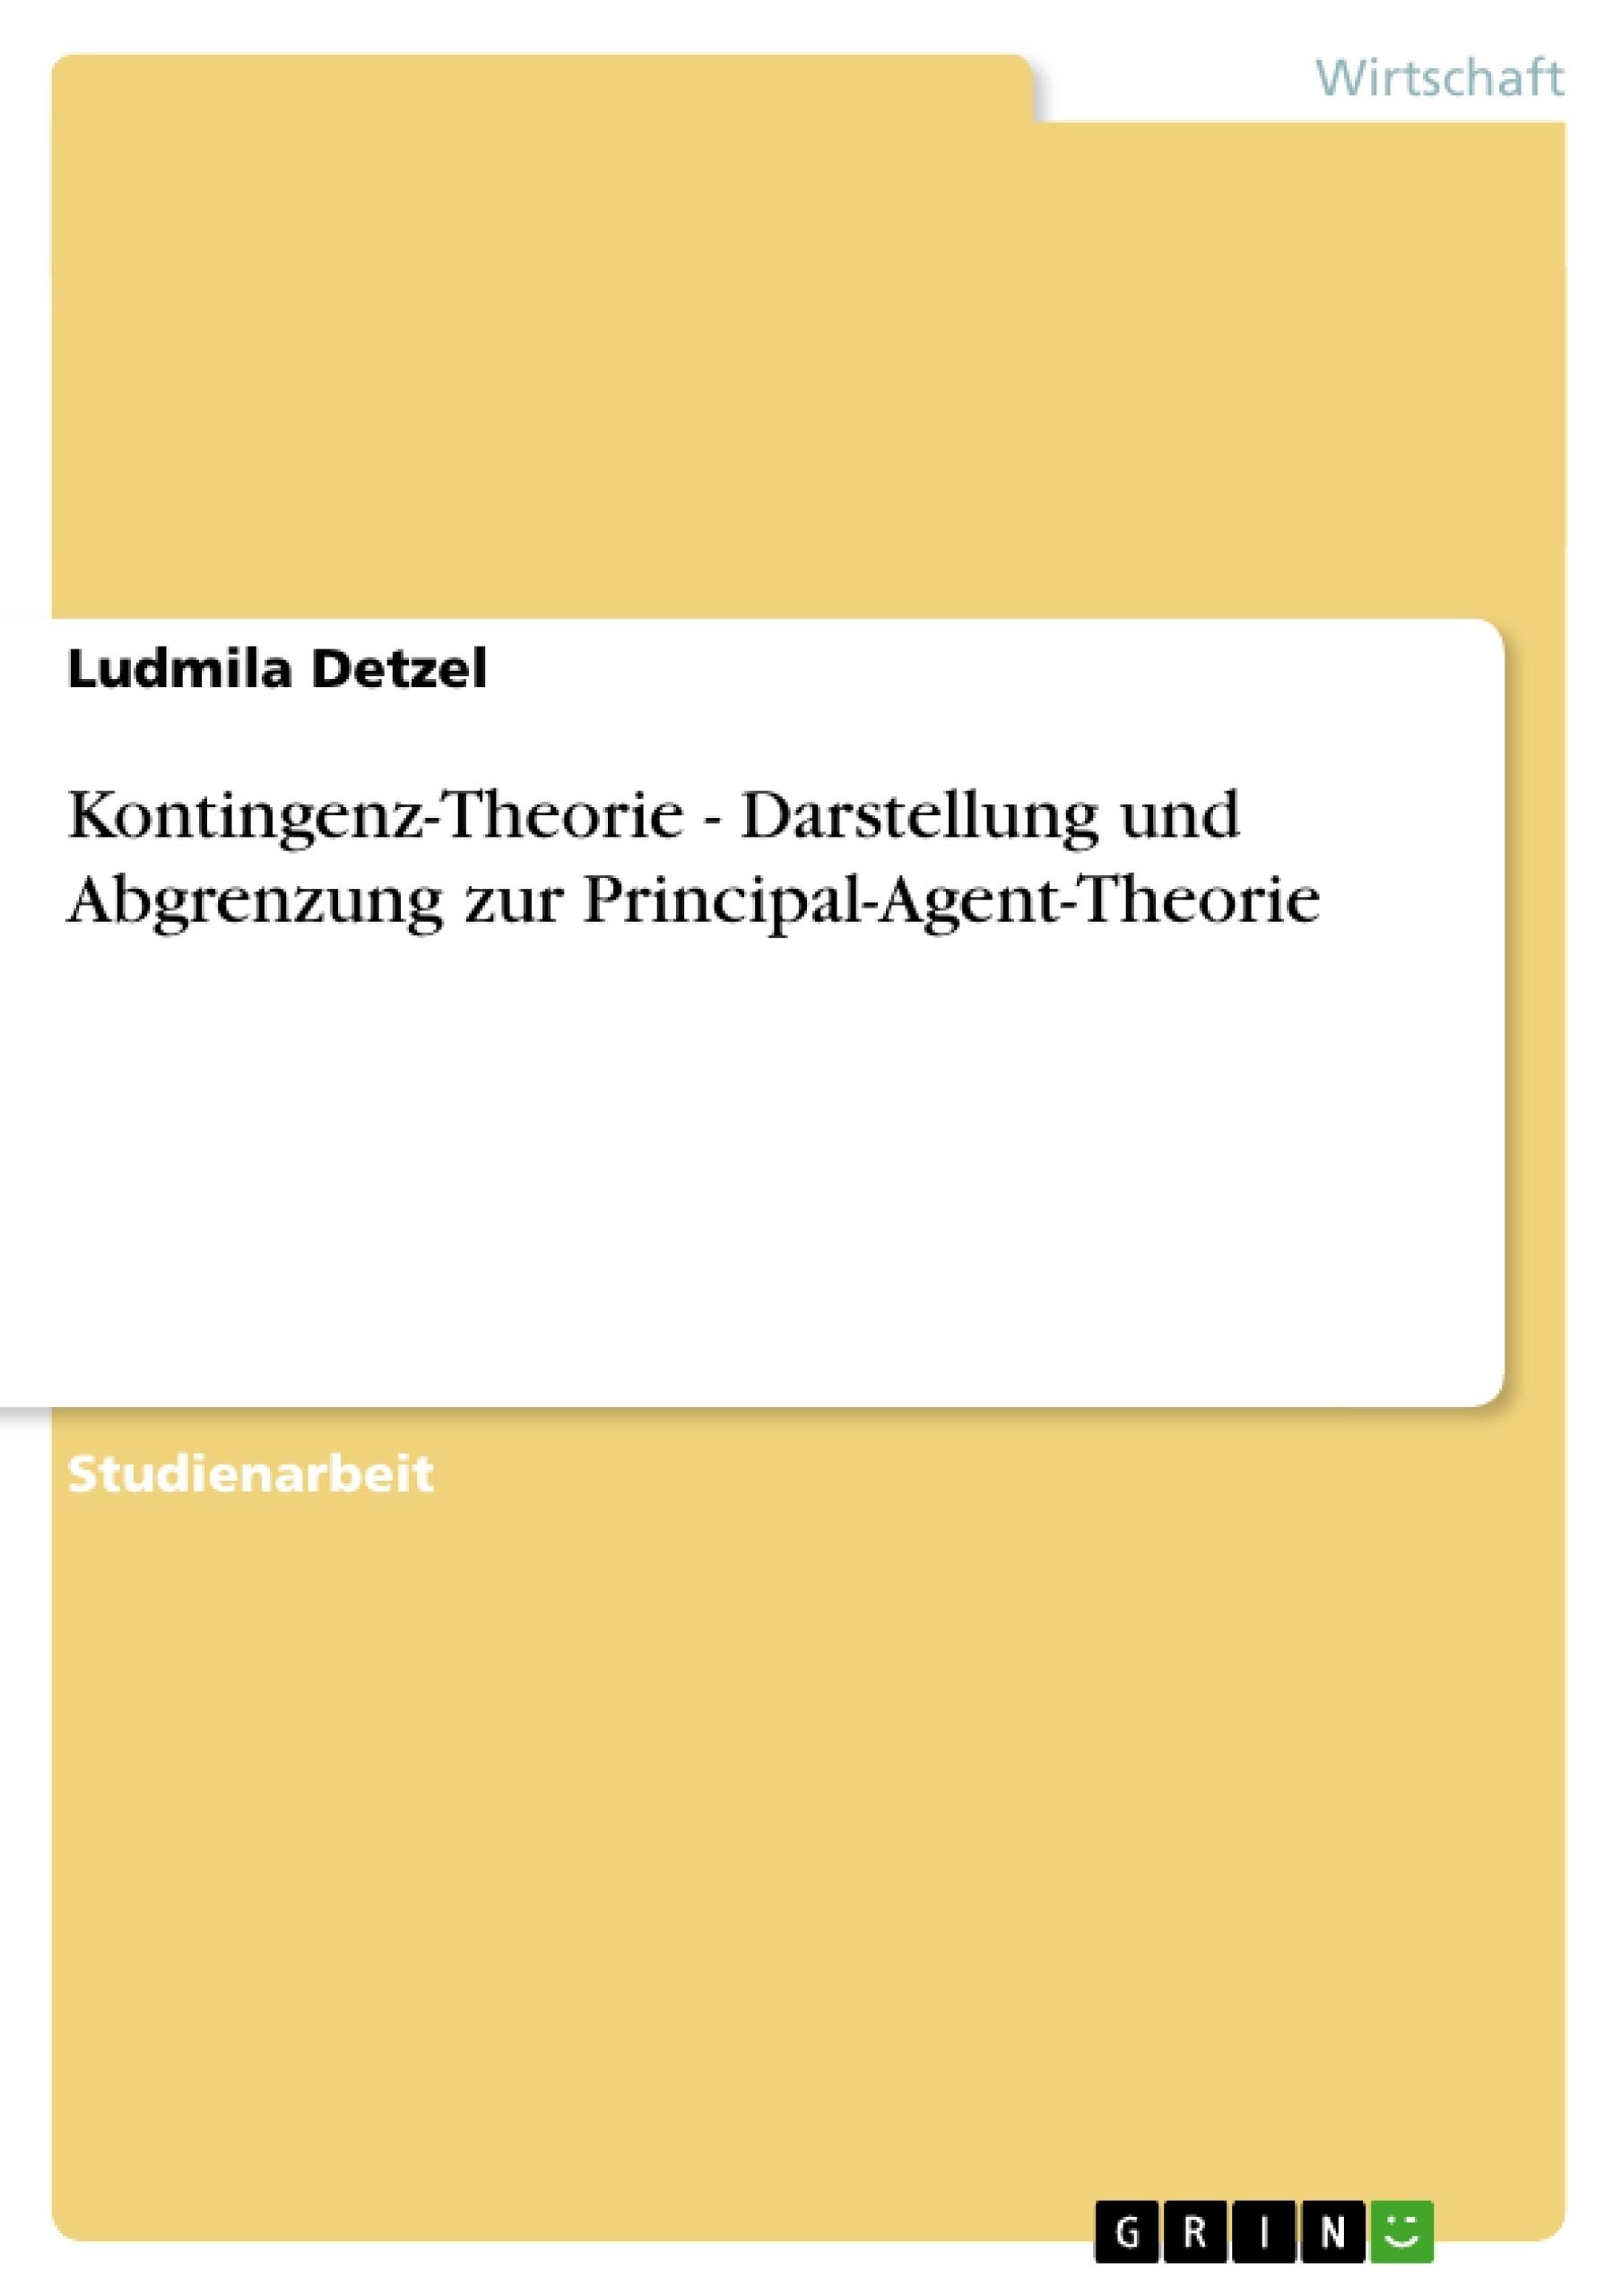 Titel: Kontingenz-Theorie - Darstellung und Abgrenzung zur Principal-Agent-Theorie